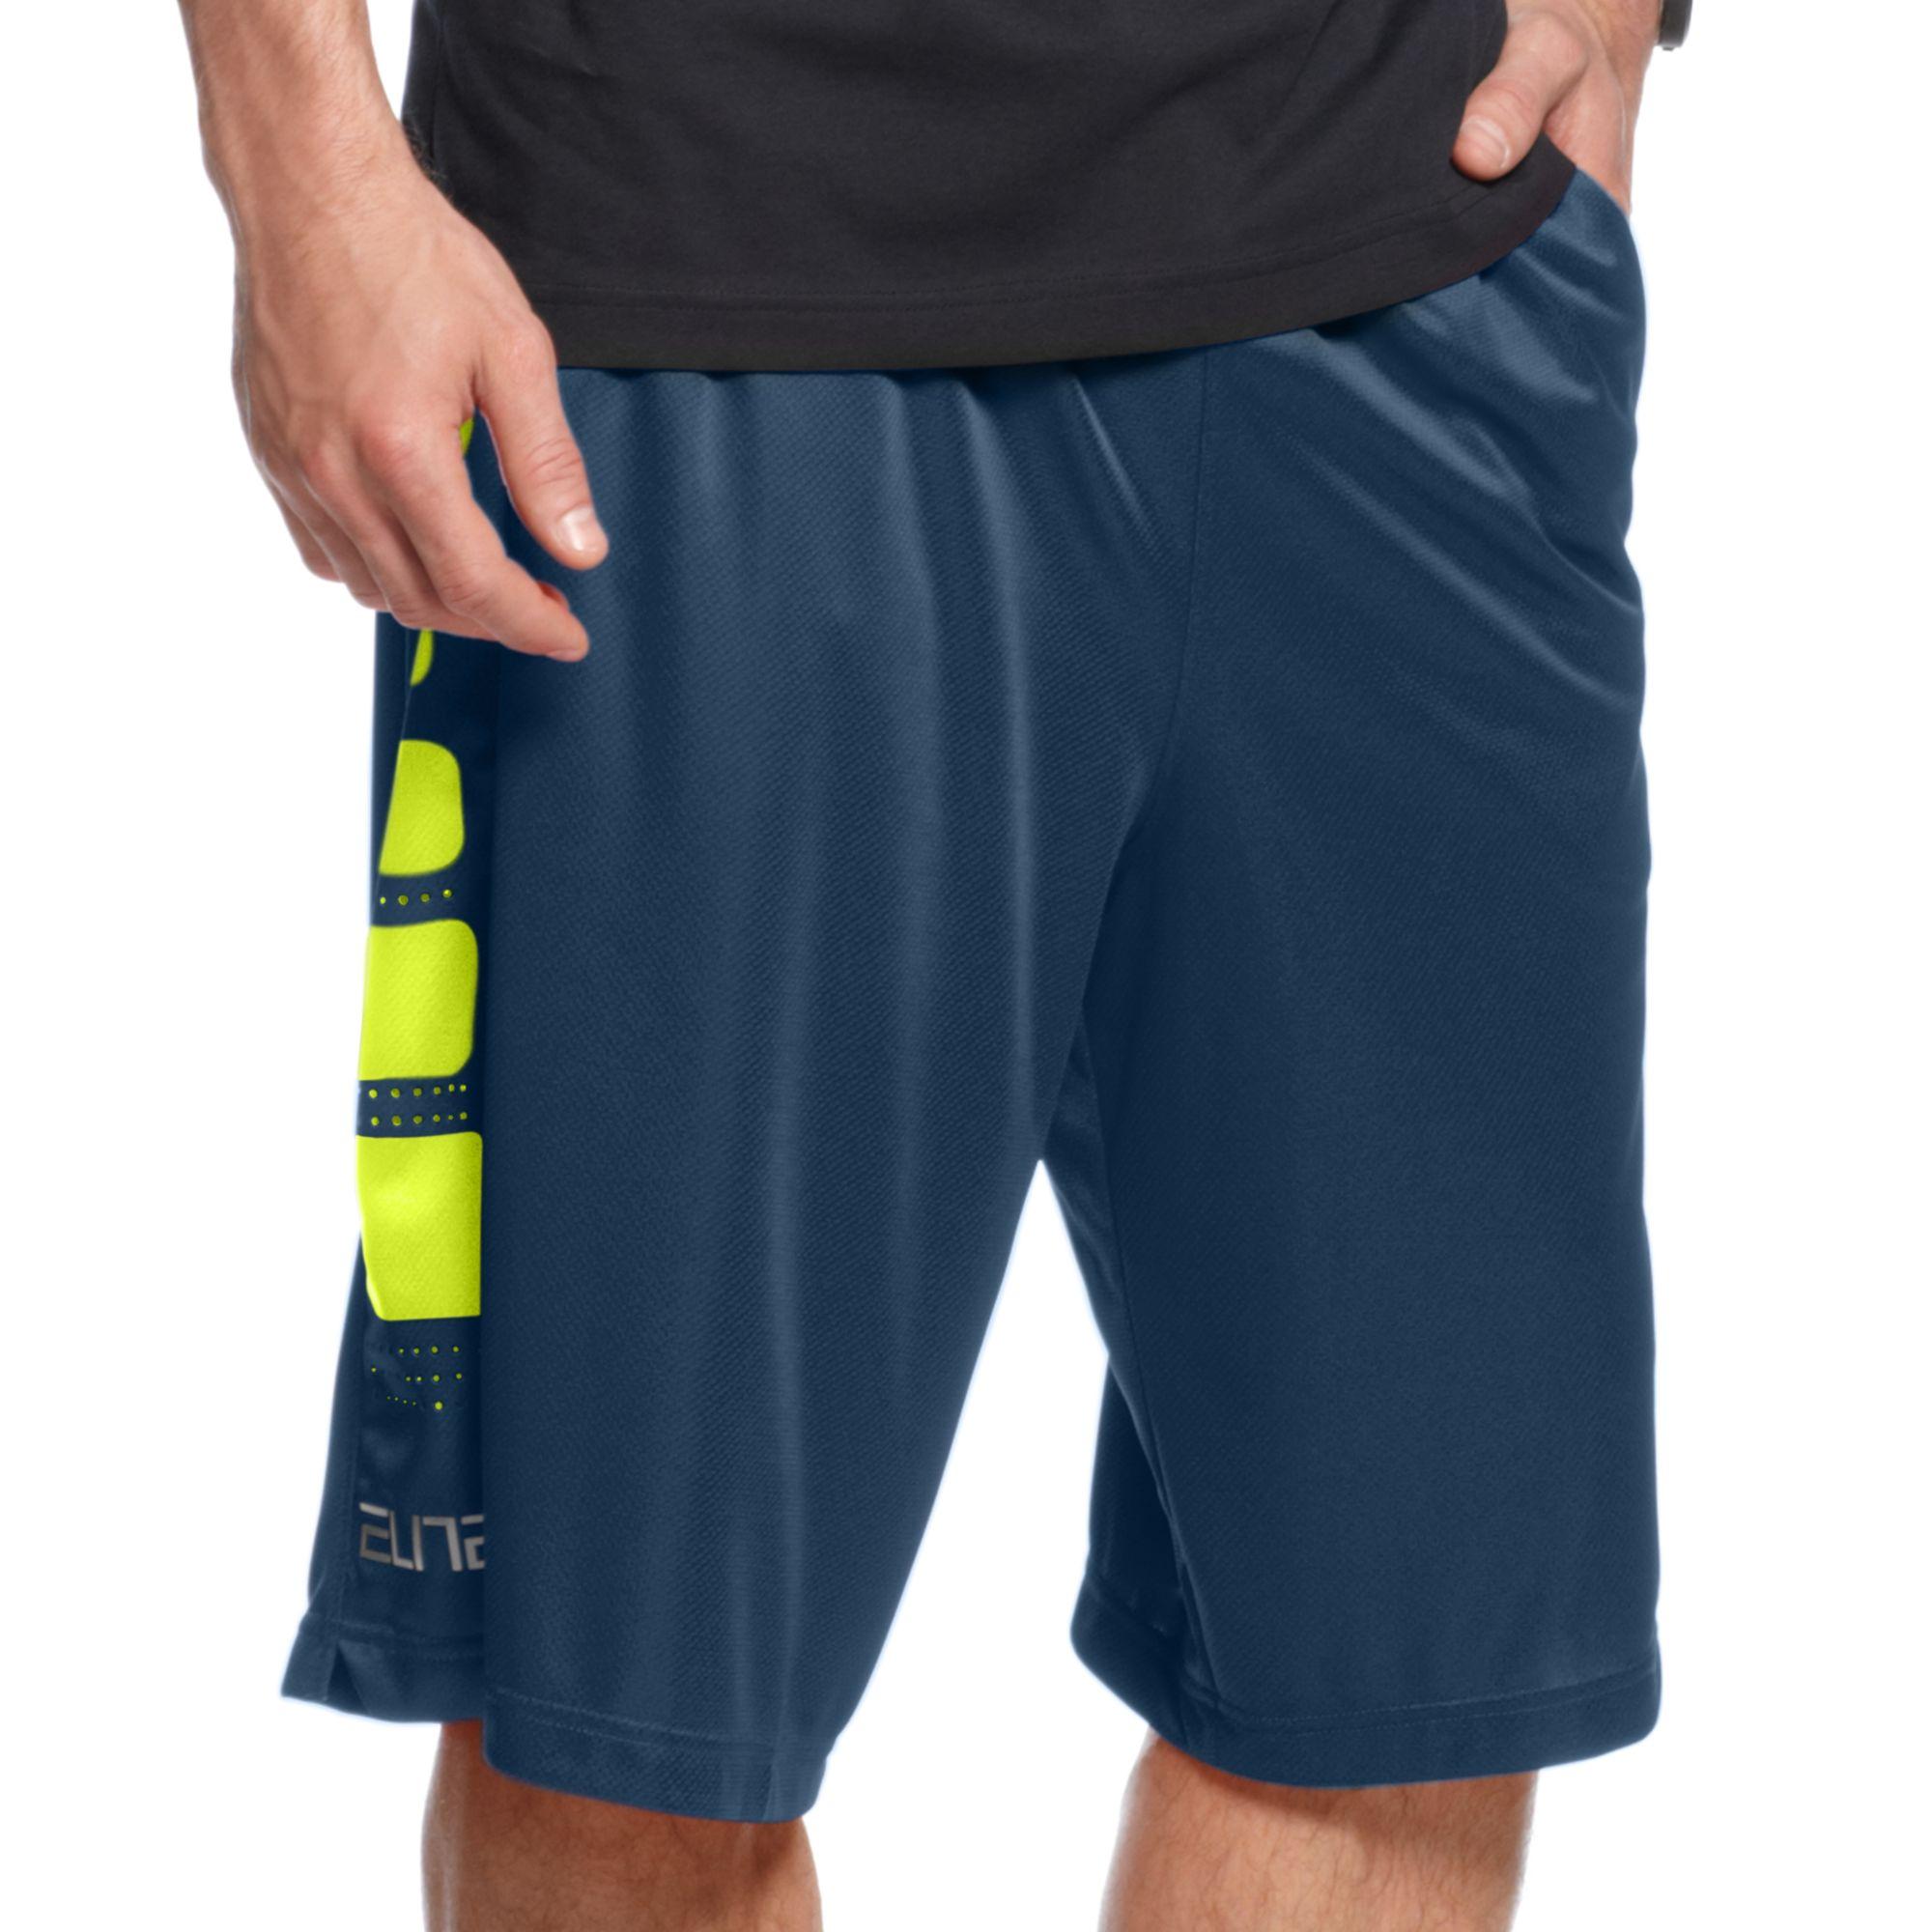 fcd5efcc8149 Lyst - Nike Elite Stripe Basketball Shorts in Blue for Men